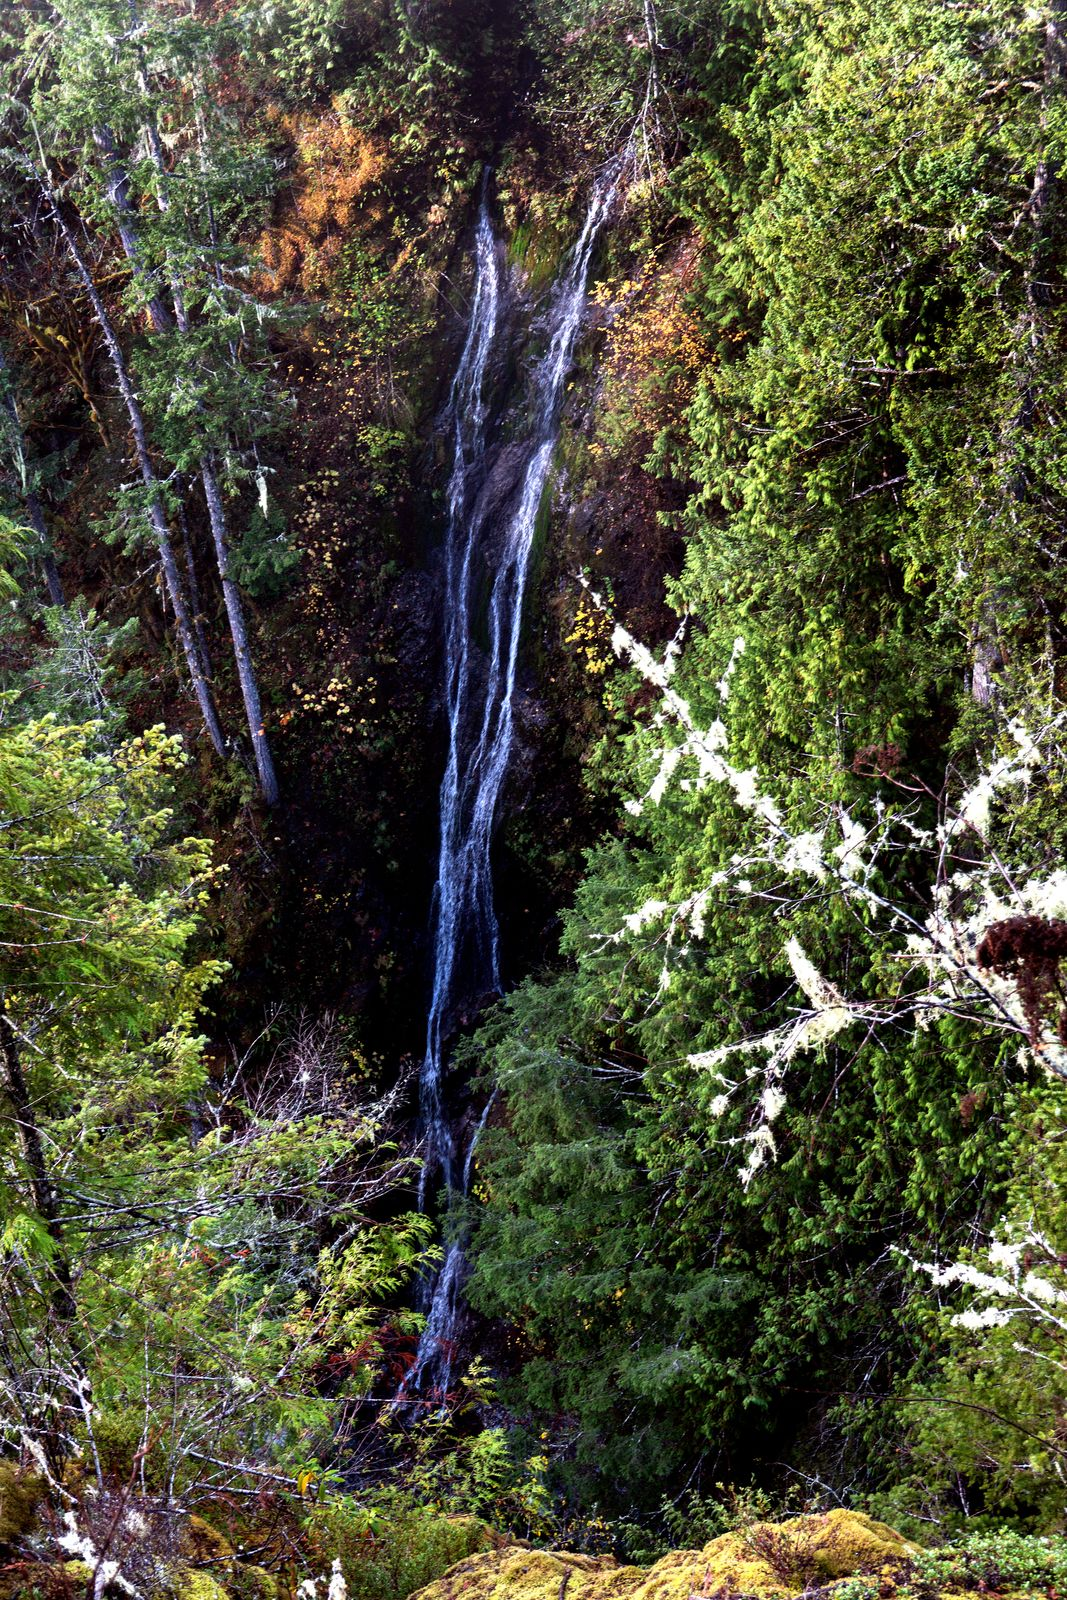 Falls View Canyon 100 foot waterfall